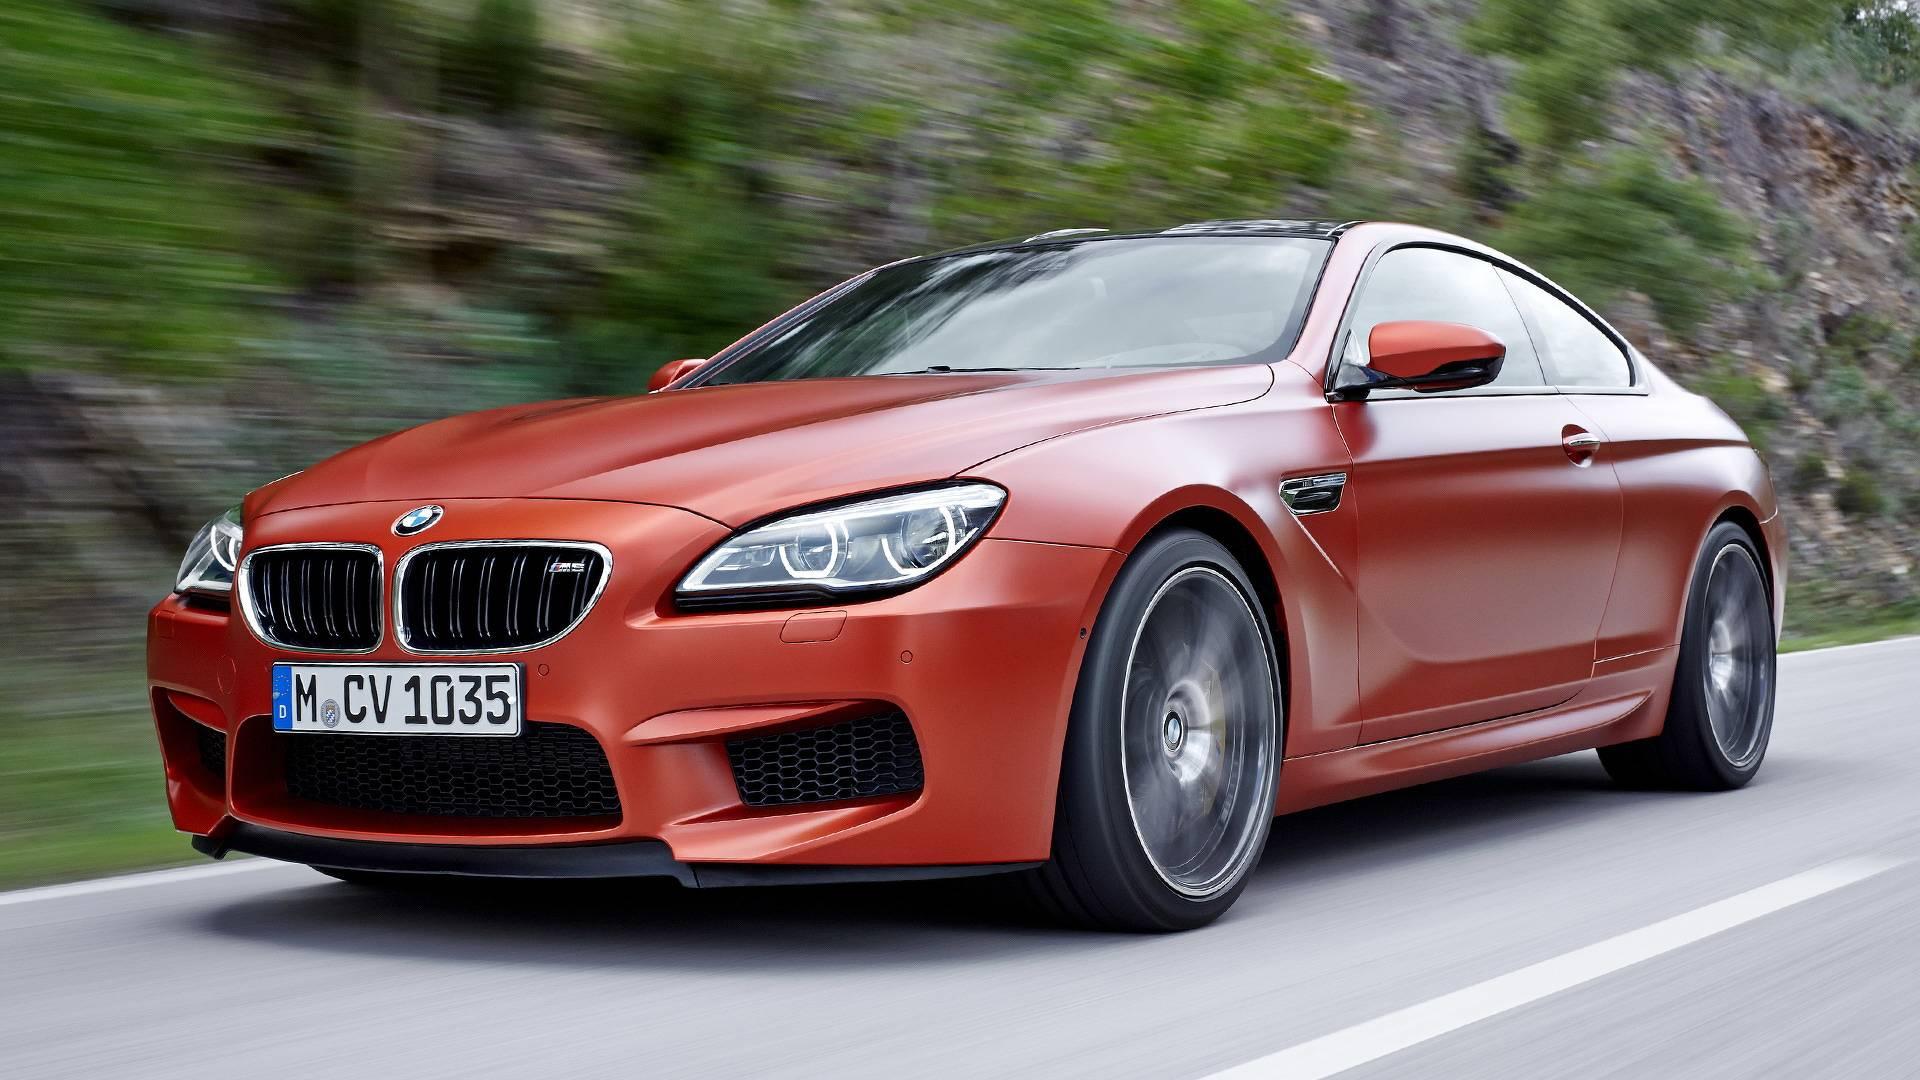 Bmw M6 News And Reviews Motor1 Com